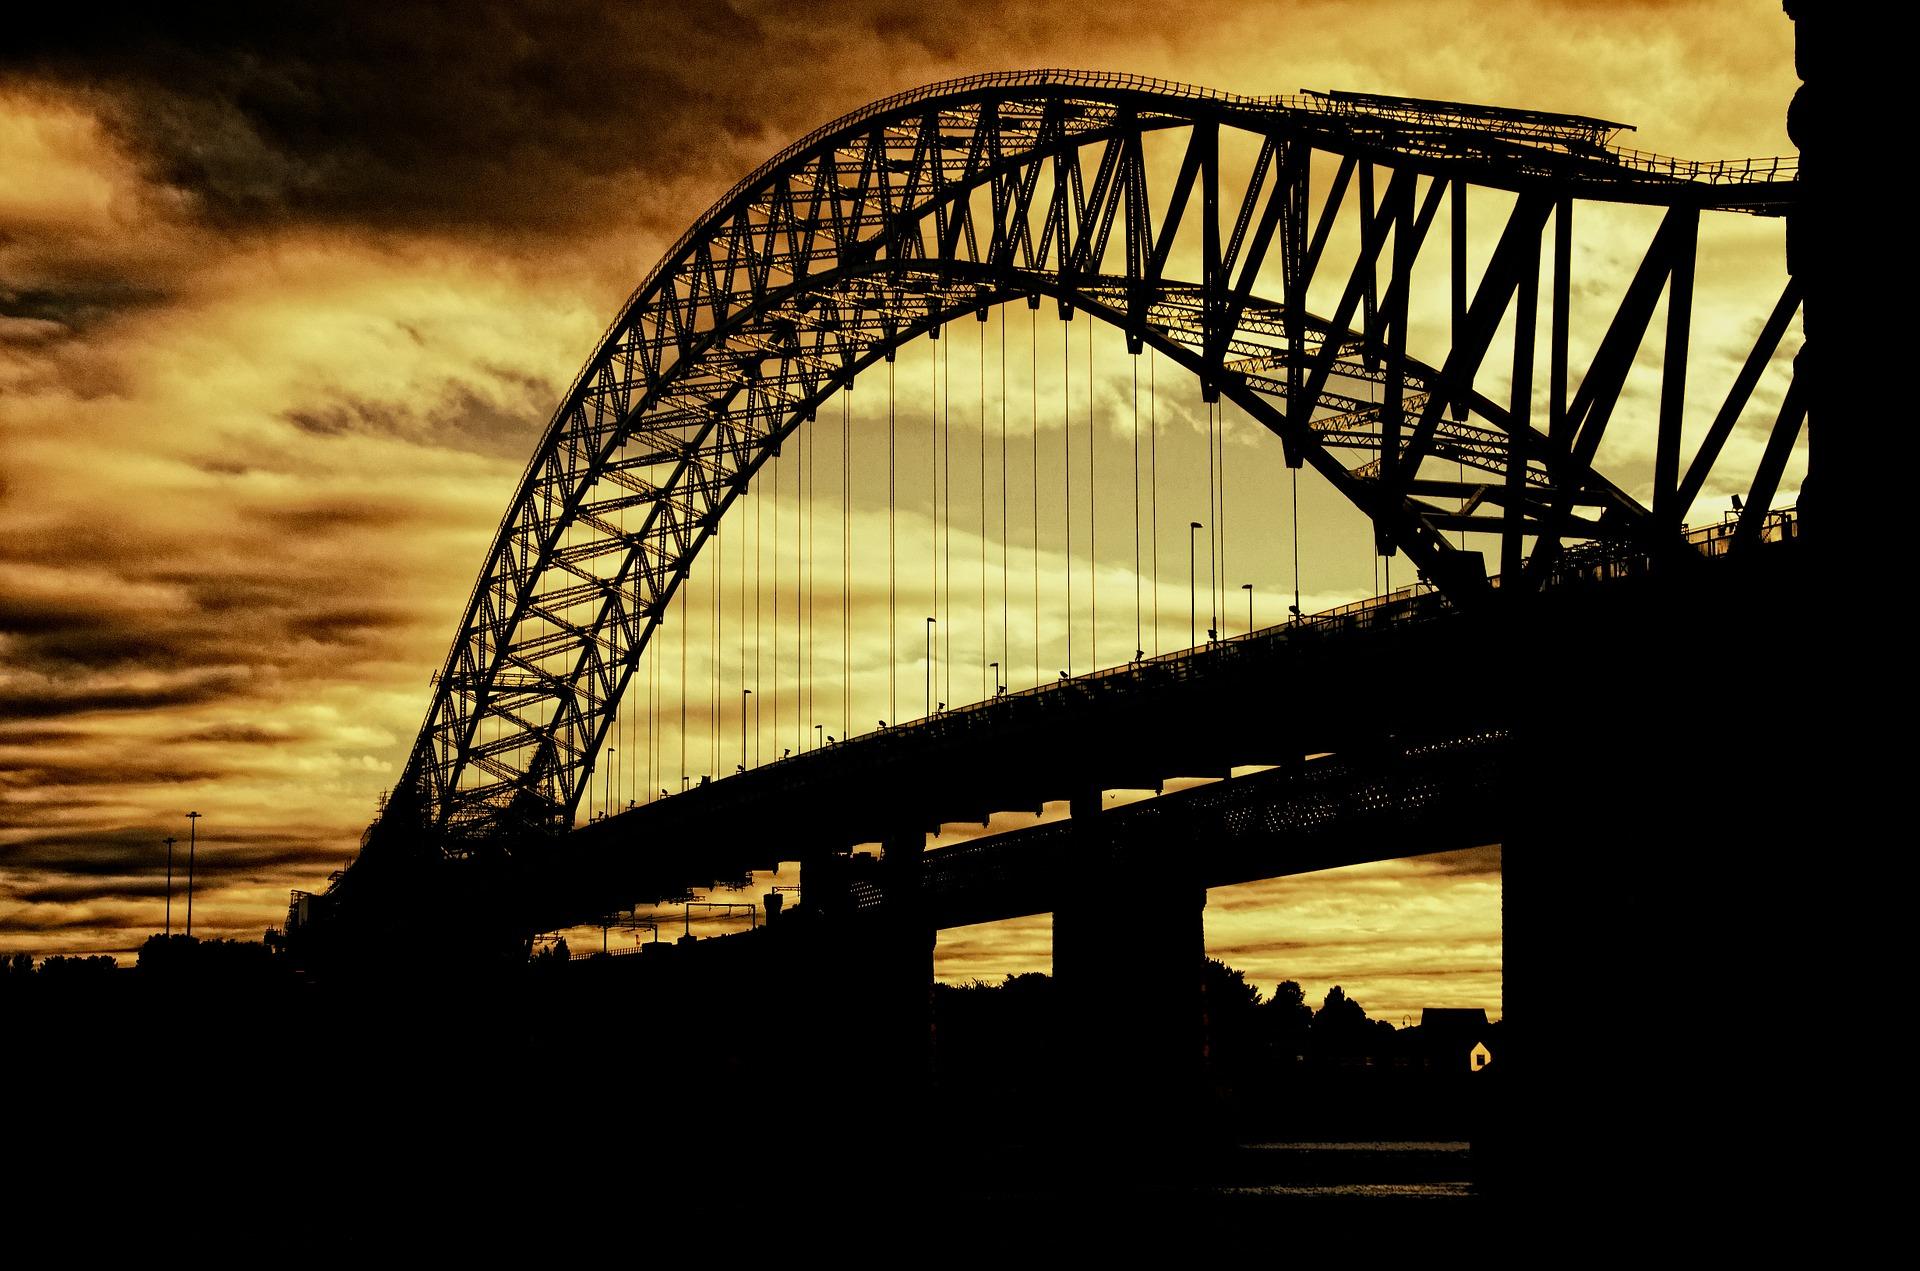 silver-jubilee-bridge-402943_1920.jpg